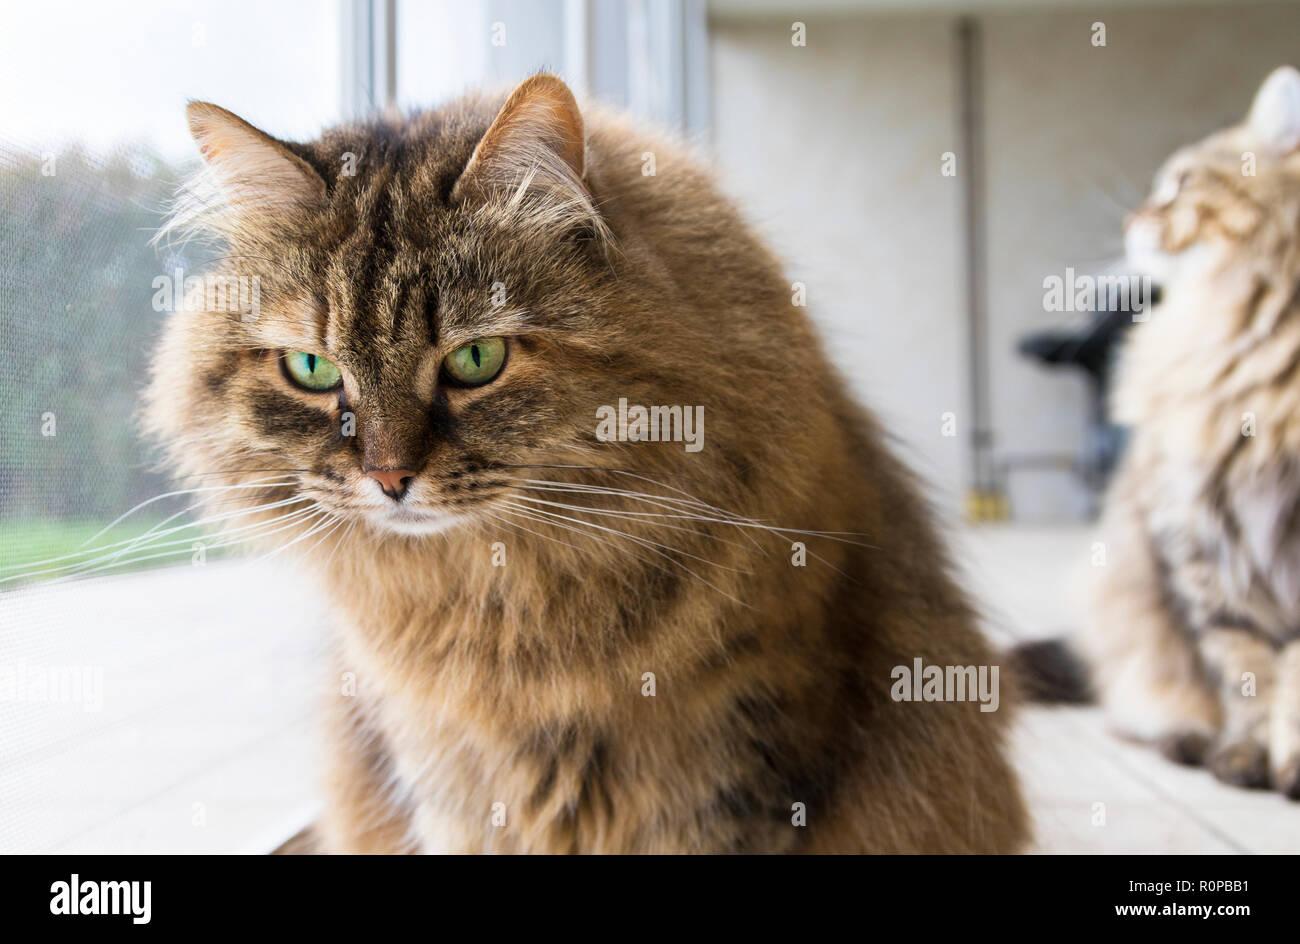 Chat drôle à la fenêtre, curieux animal Photo Stock